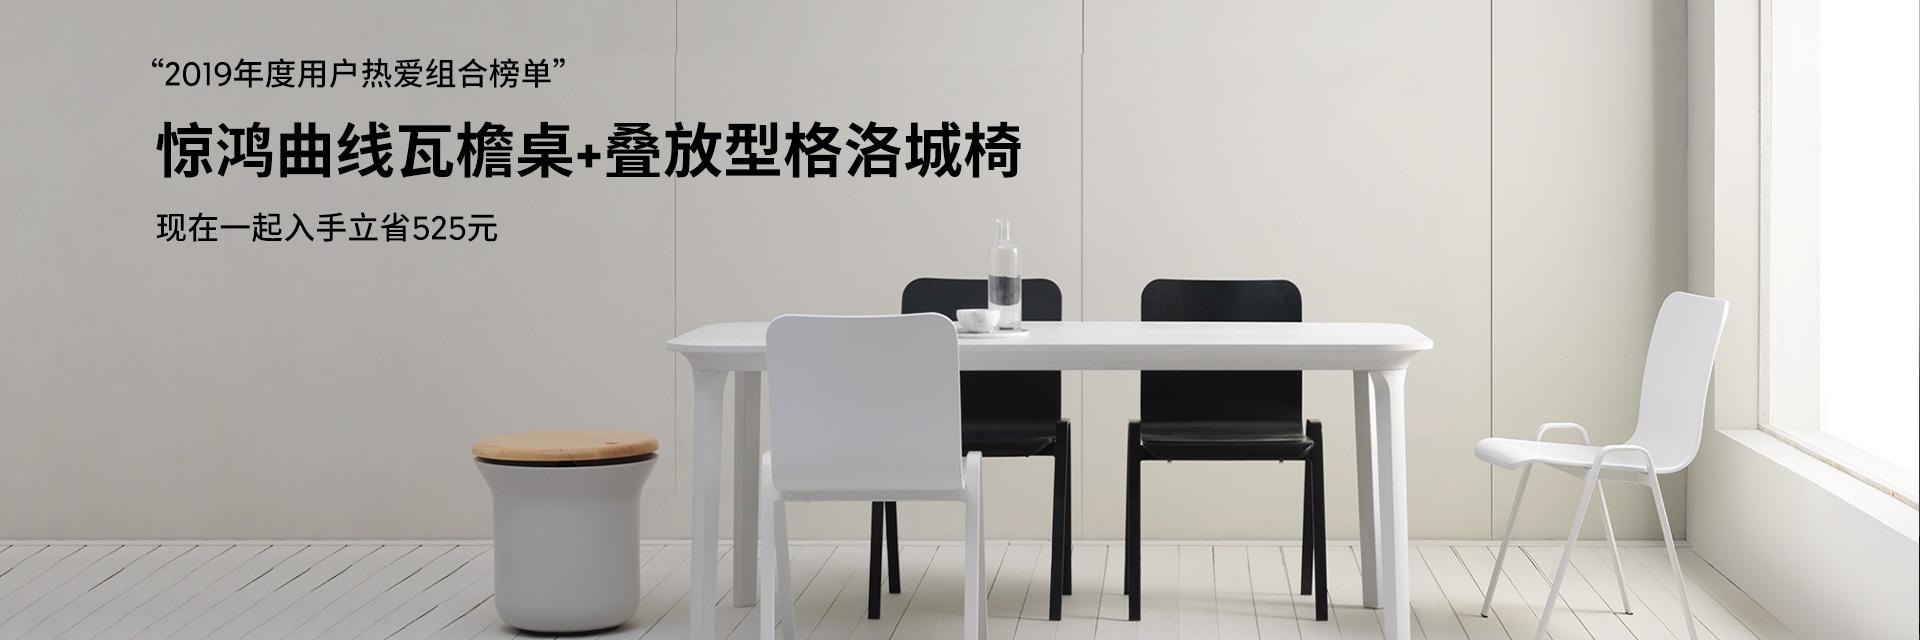 瓦檐长餐桌